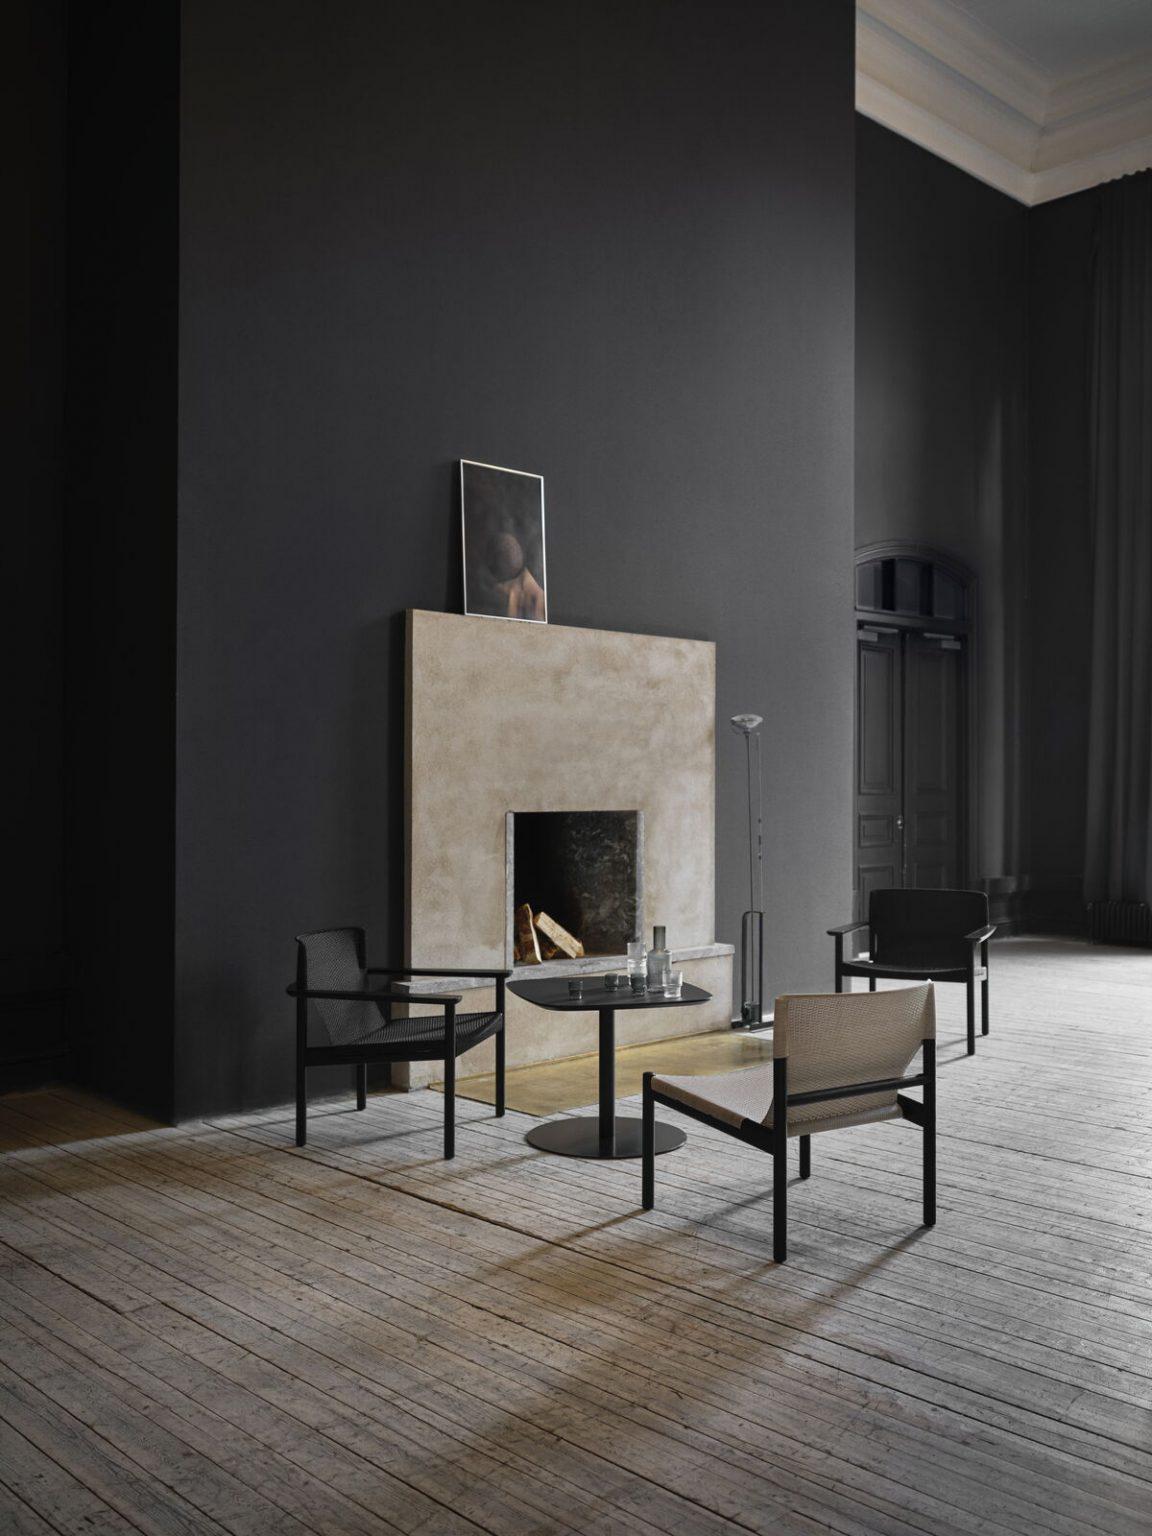 Biennale Interieur - Belgium's leading design and interior event - P32462_large.jpg